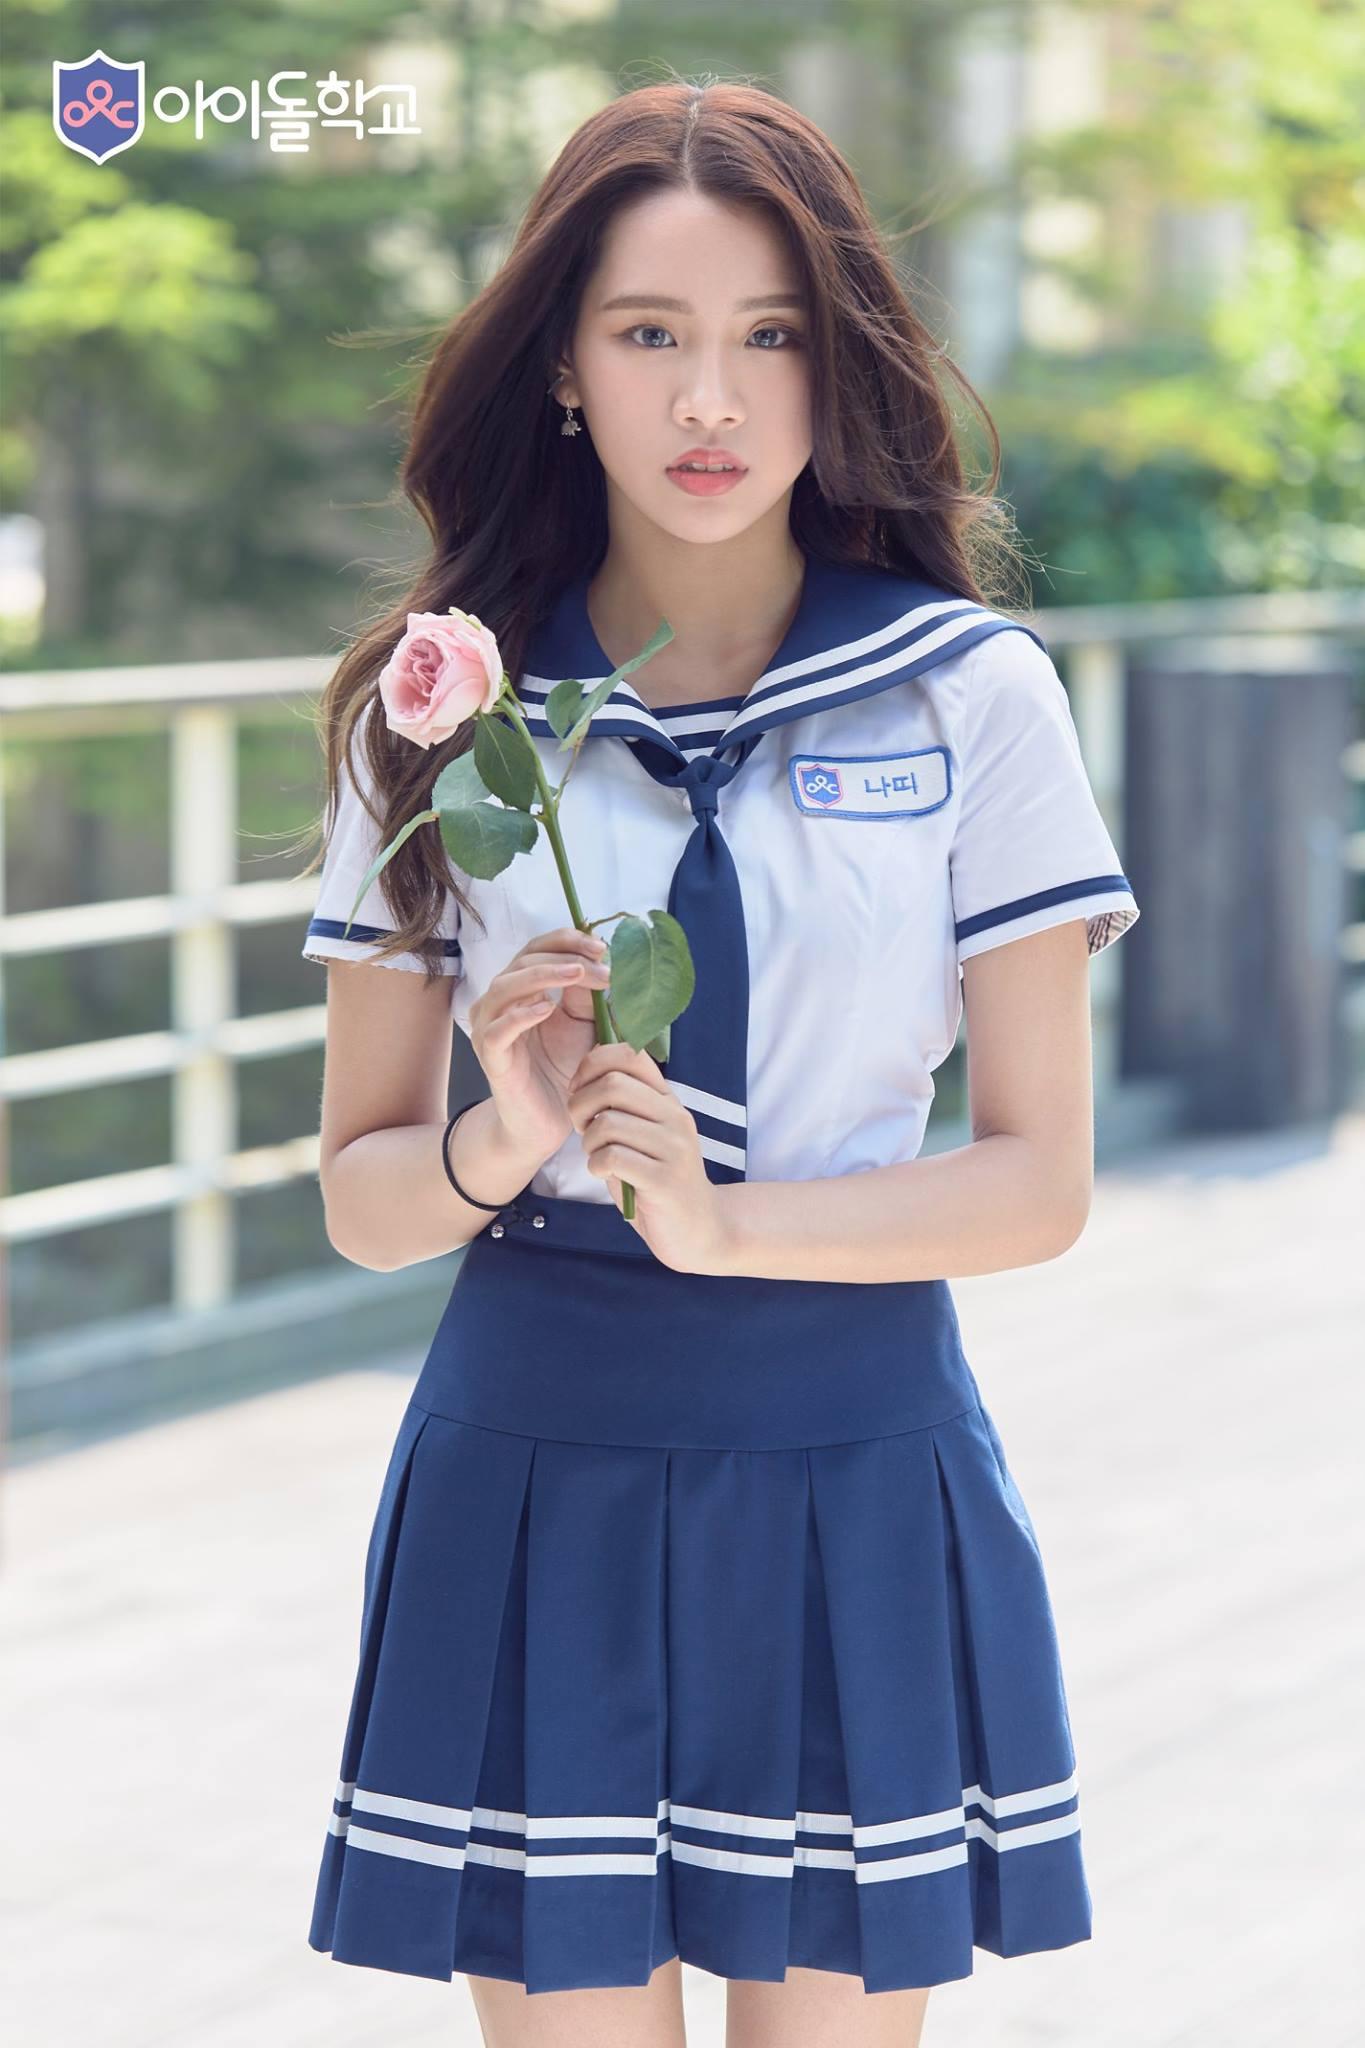 來自泰國的Natty,先前在JYP選秀節目《Sixteen》中有亮眼表現,這次出現在《偶像學校》中「女大十八變」,和《Sixteen》相比確實外貌成熟了許多。昨天播出的節目中,不少學生看到她的出現都驚訝「 Natty竟然離開JYP了?」